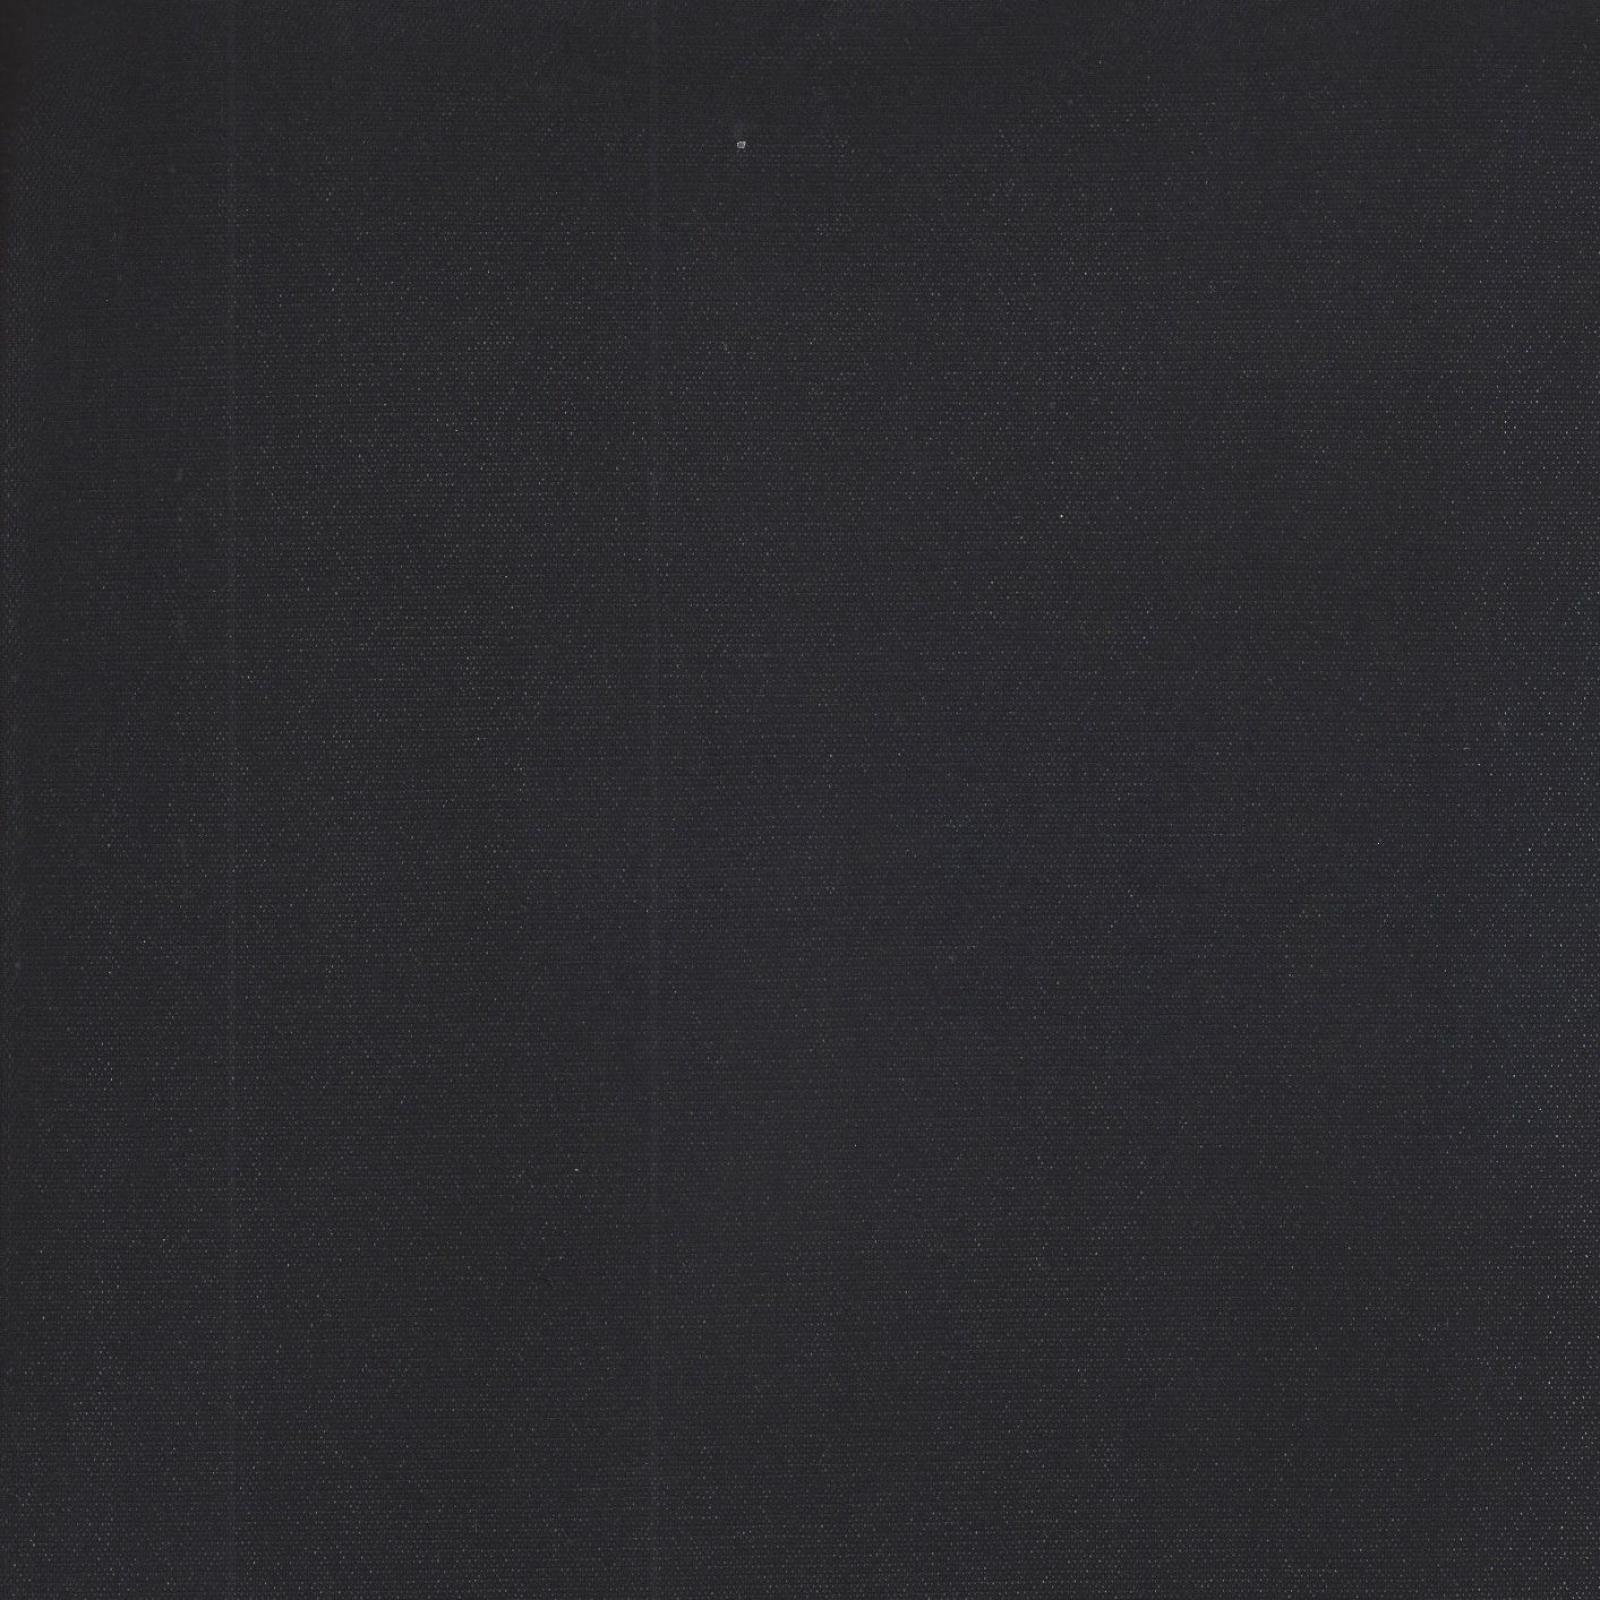 MRSK1998PESEL/83/1